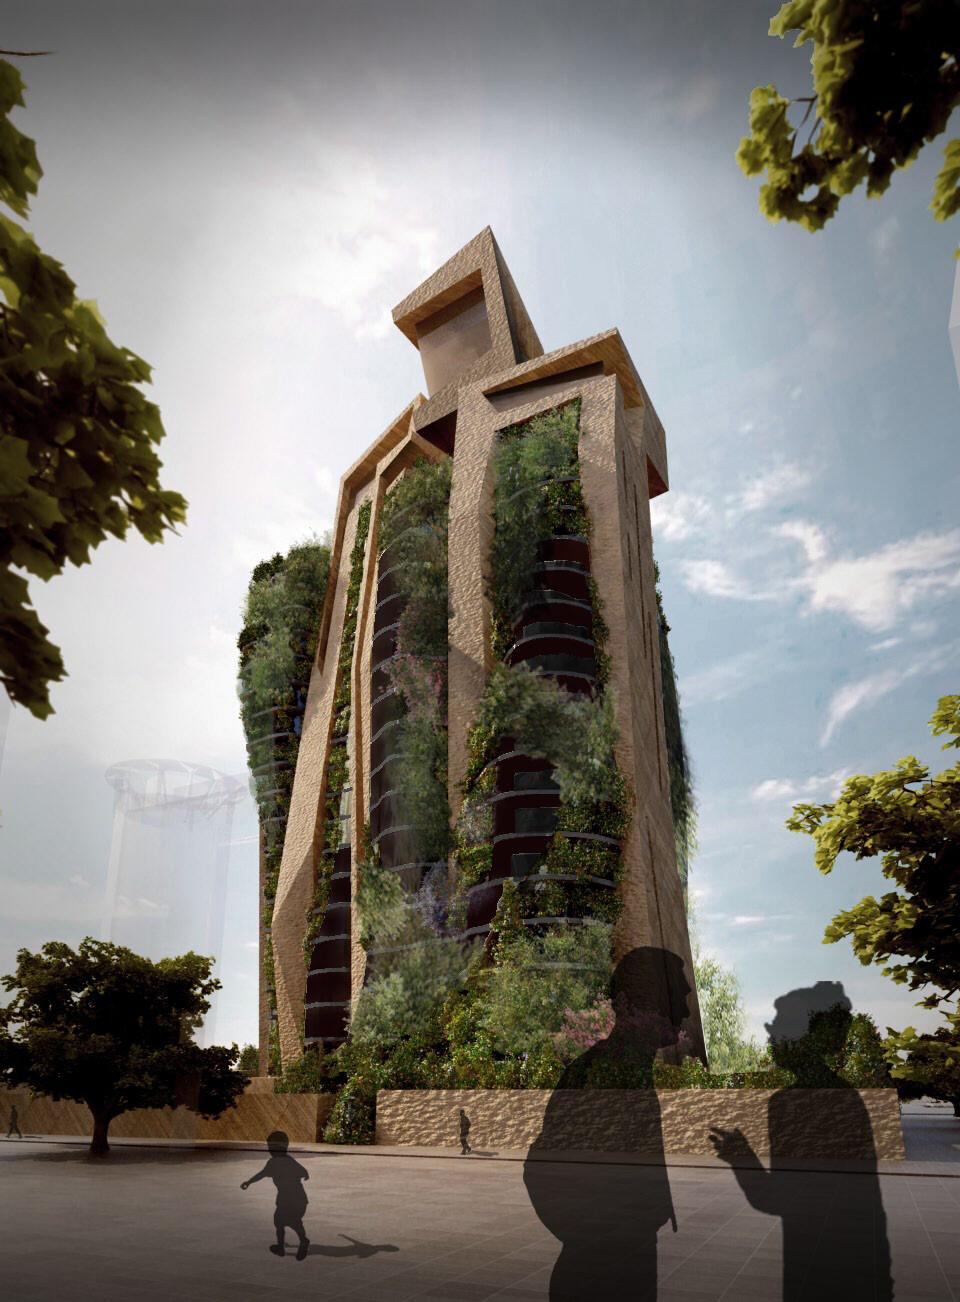 AGORA GARDEN LUXURY CONDOMINIUM TOWER